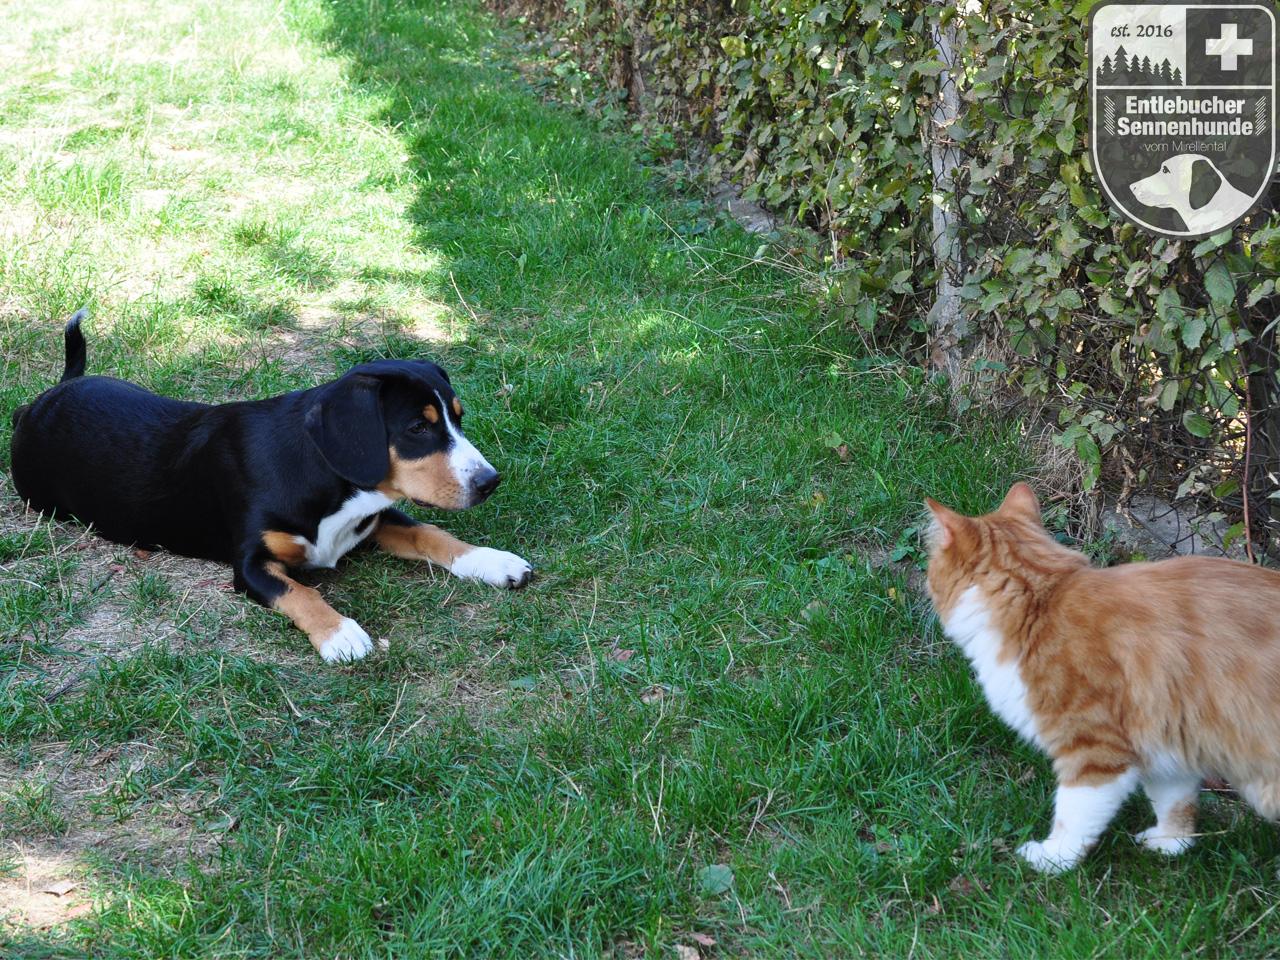 Entlebucher Sennenhunde vom Mirellental - Ida vom Thurnerkamp mit ca 14 Wochen